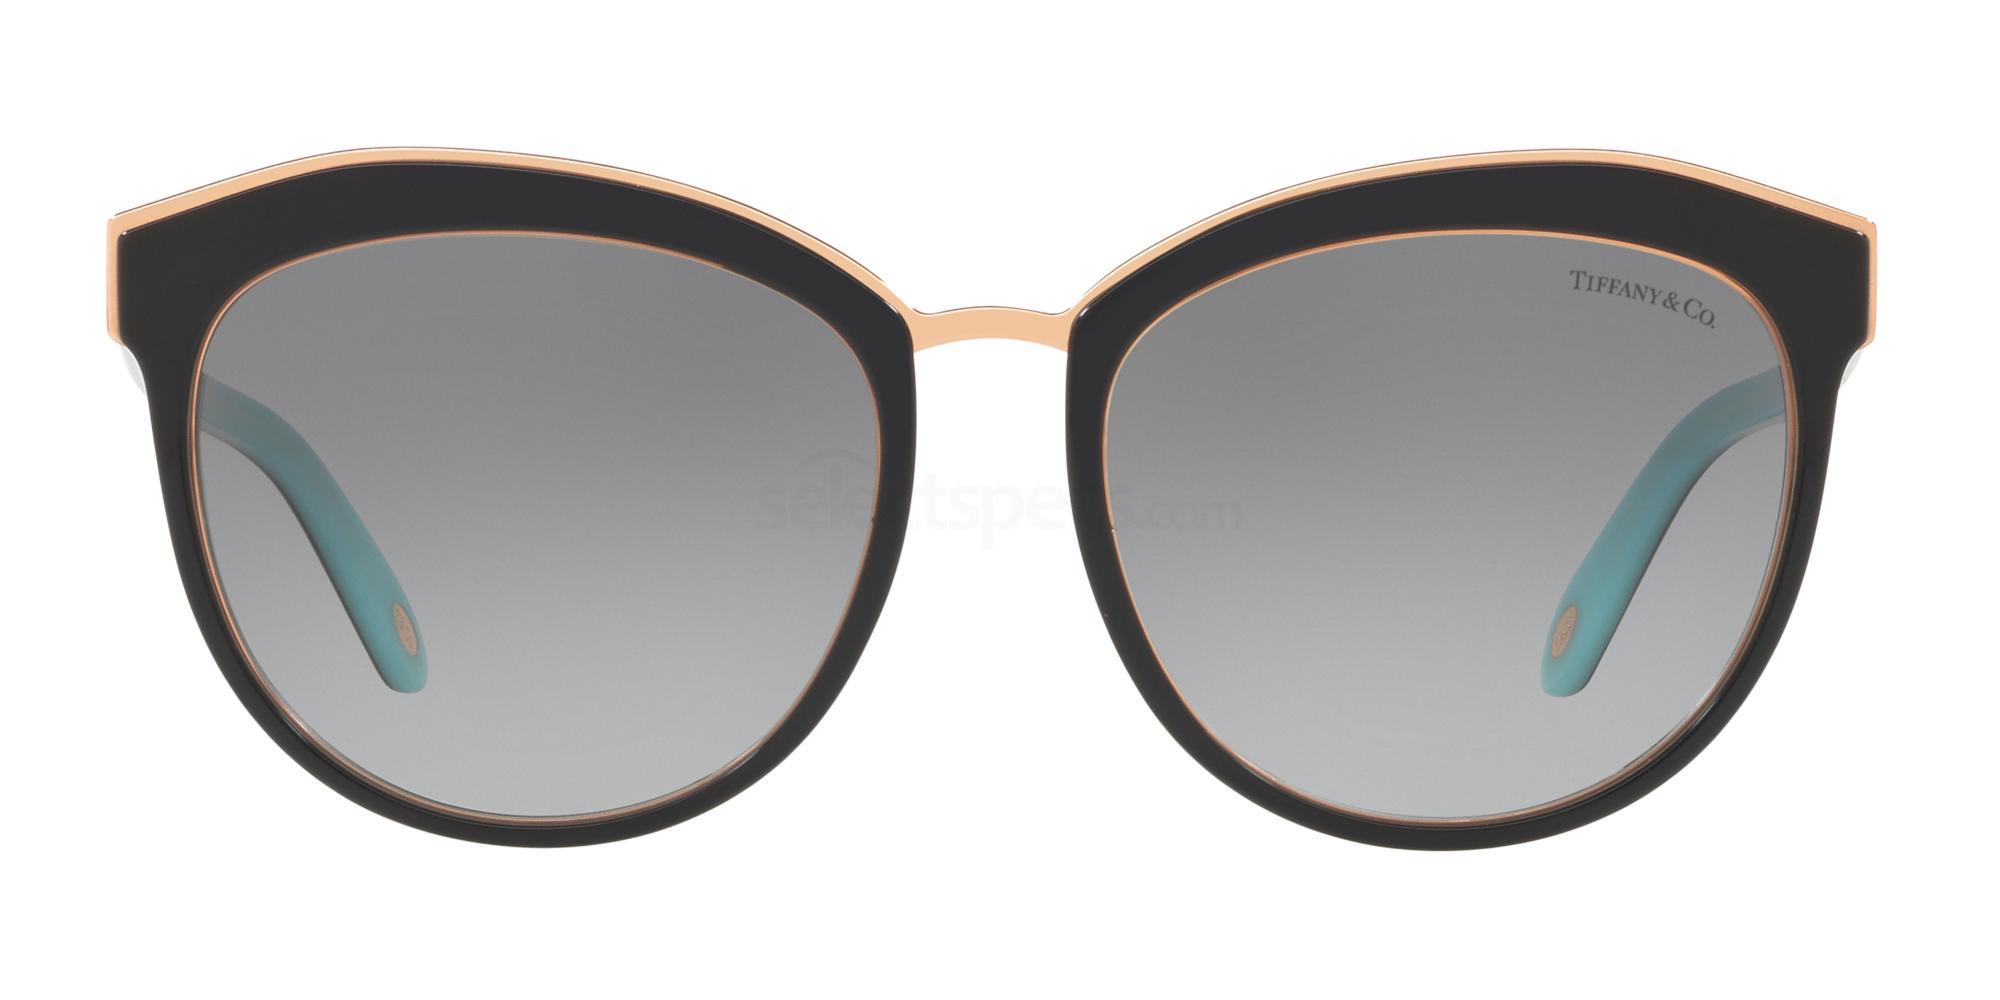 80553C TF4146 Sunglasses, Tiffany & Co.